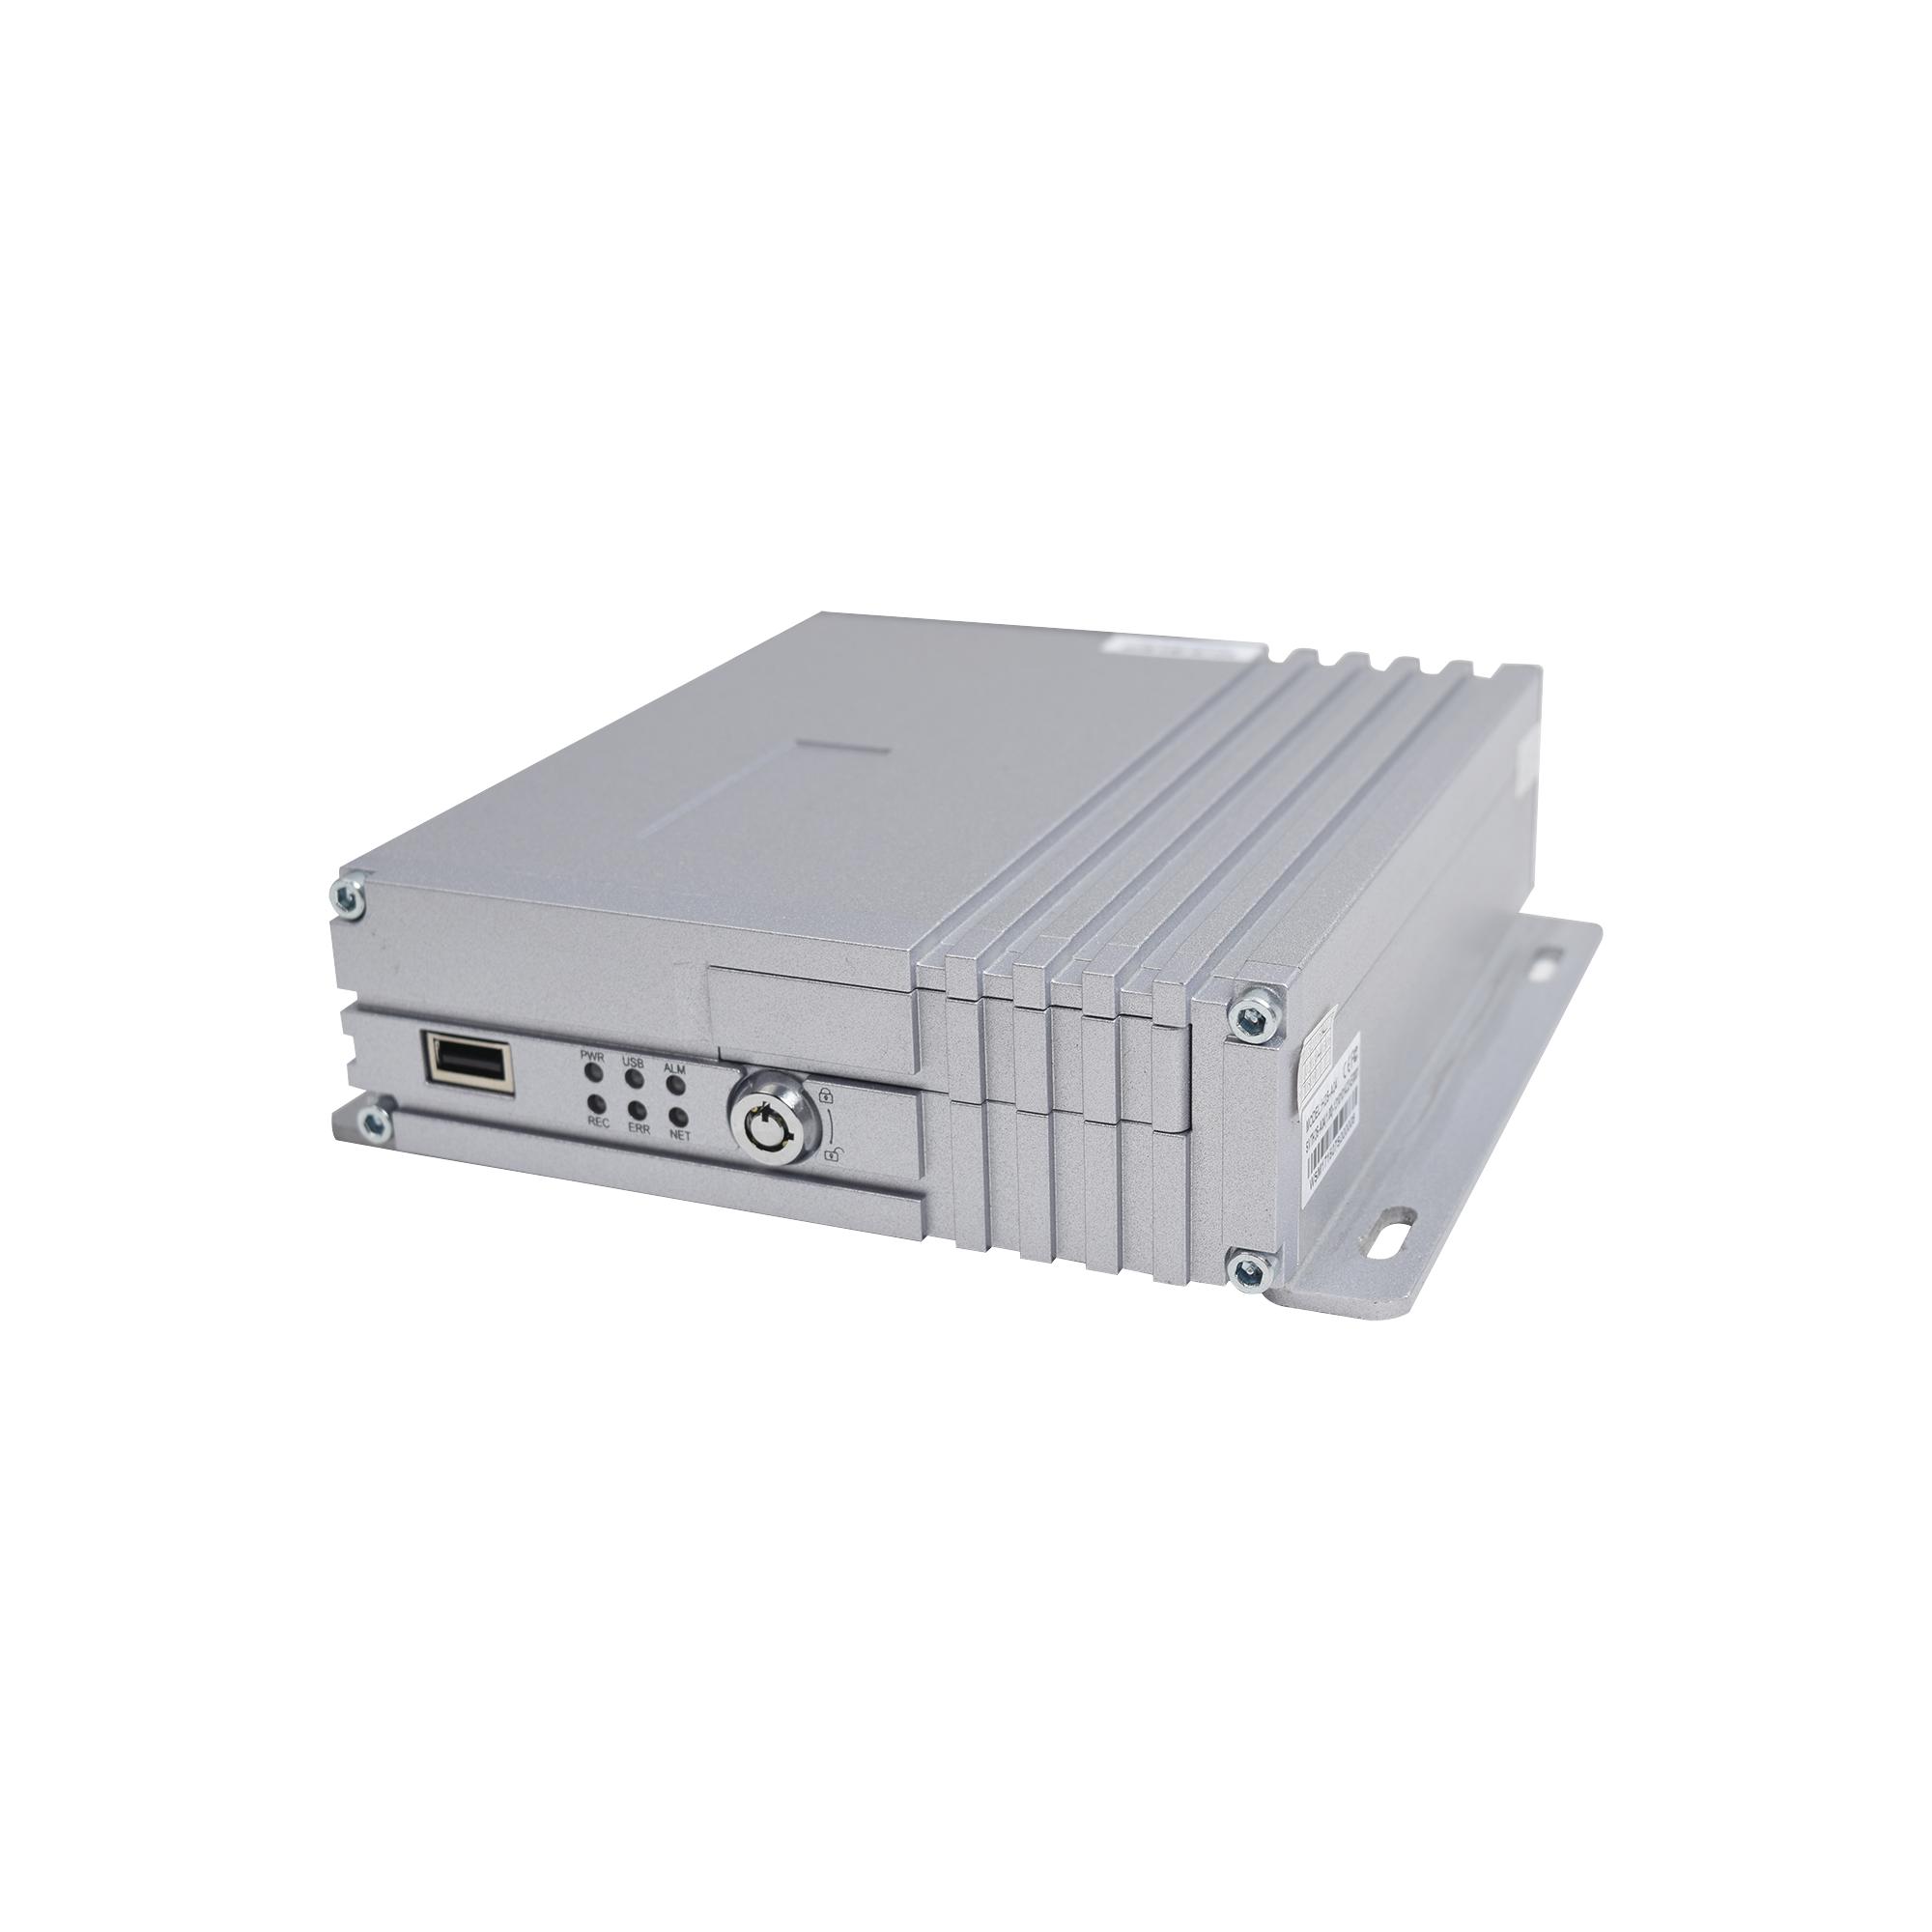 DVR movil / almacenamiento en memoria SD / 4 canales AHD hasta 2MP / compresion de video H.264